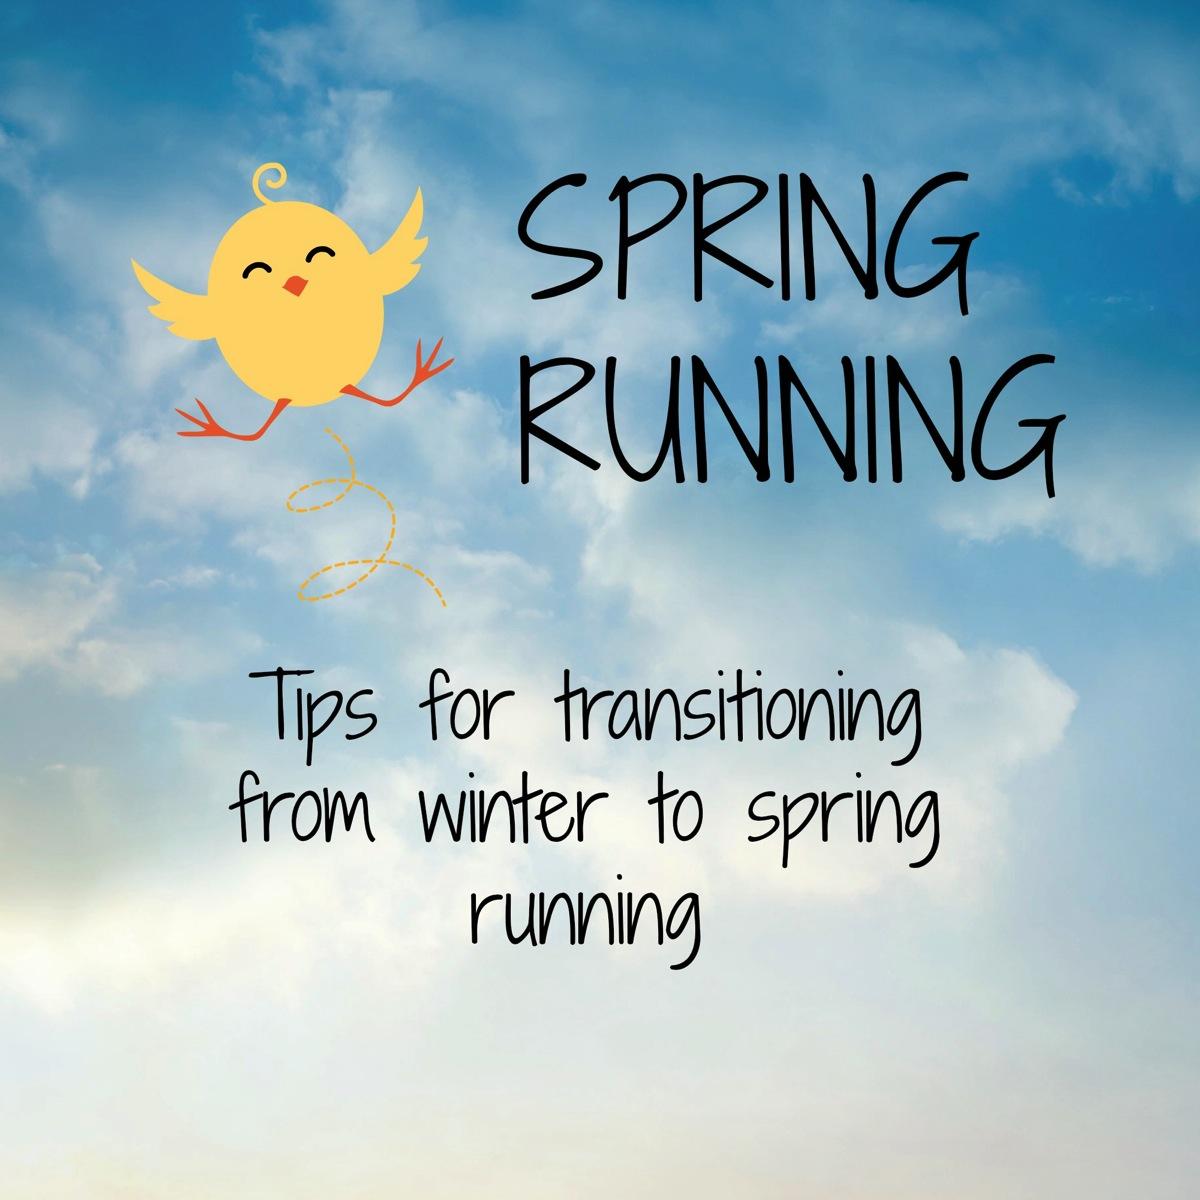 Spring Running